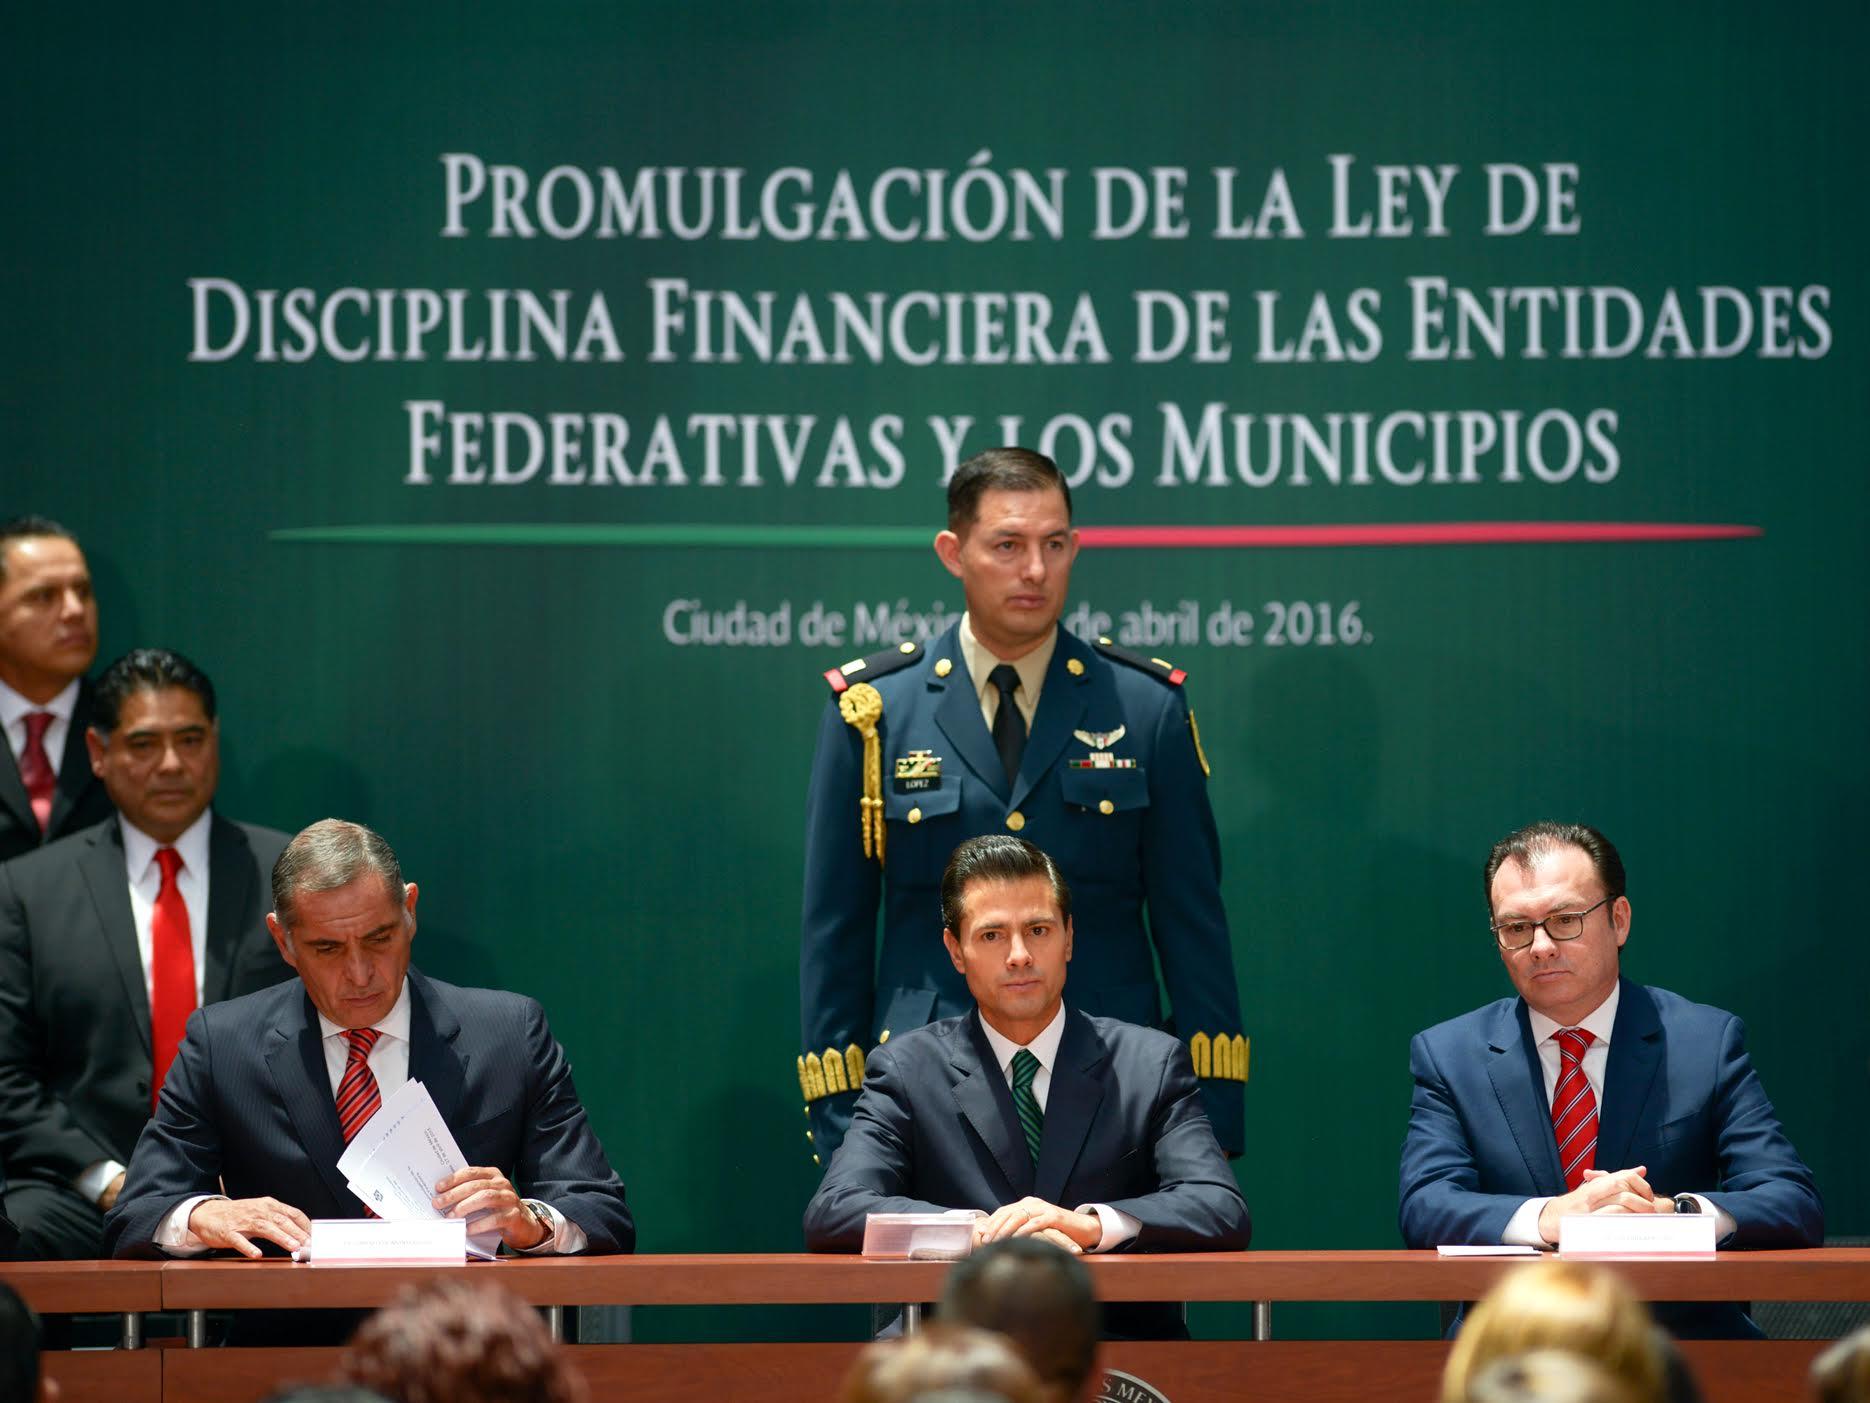 """""""Advertimos un acelerado aumento en la deuda de algunas entidades y municipios. Por ejemplo, durante el periodo 2008 a 2013, su crecimiento promedio real fue de 14.5 por ciento anual"""": EPN"""